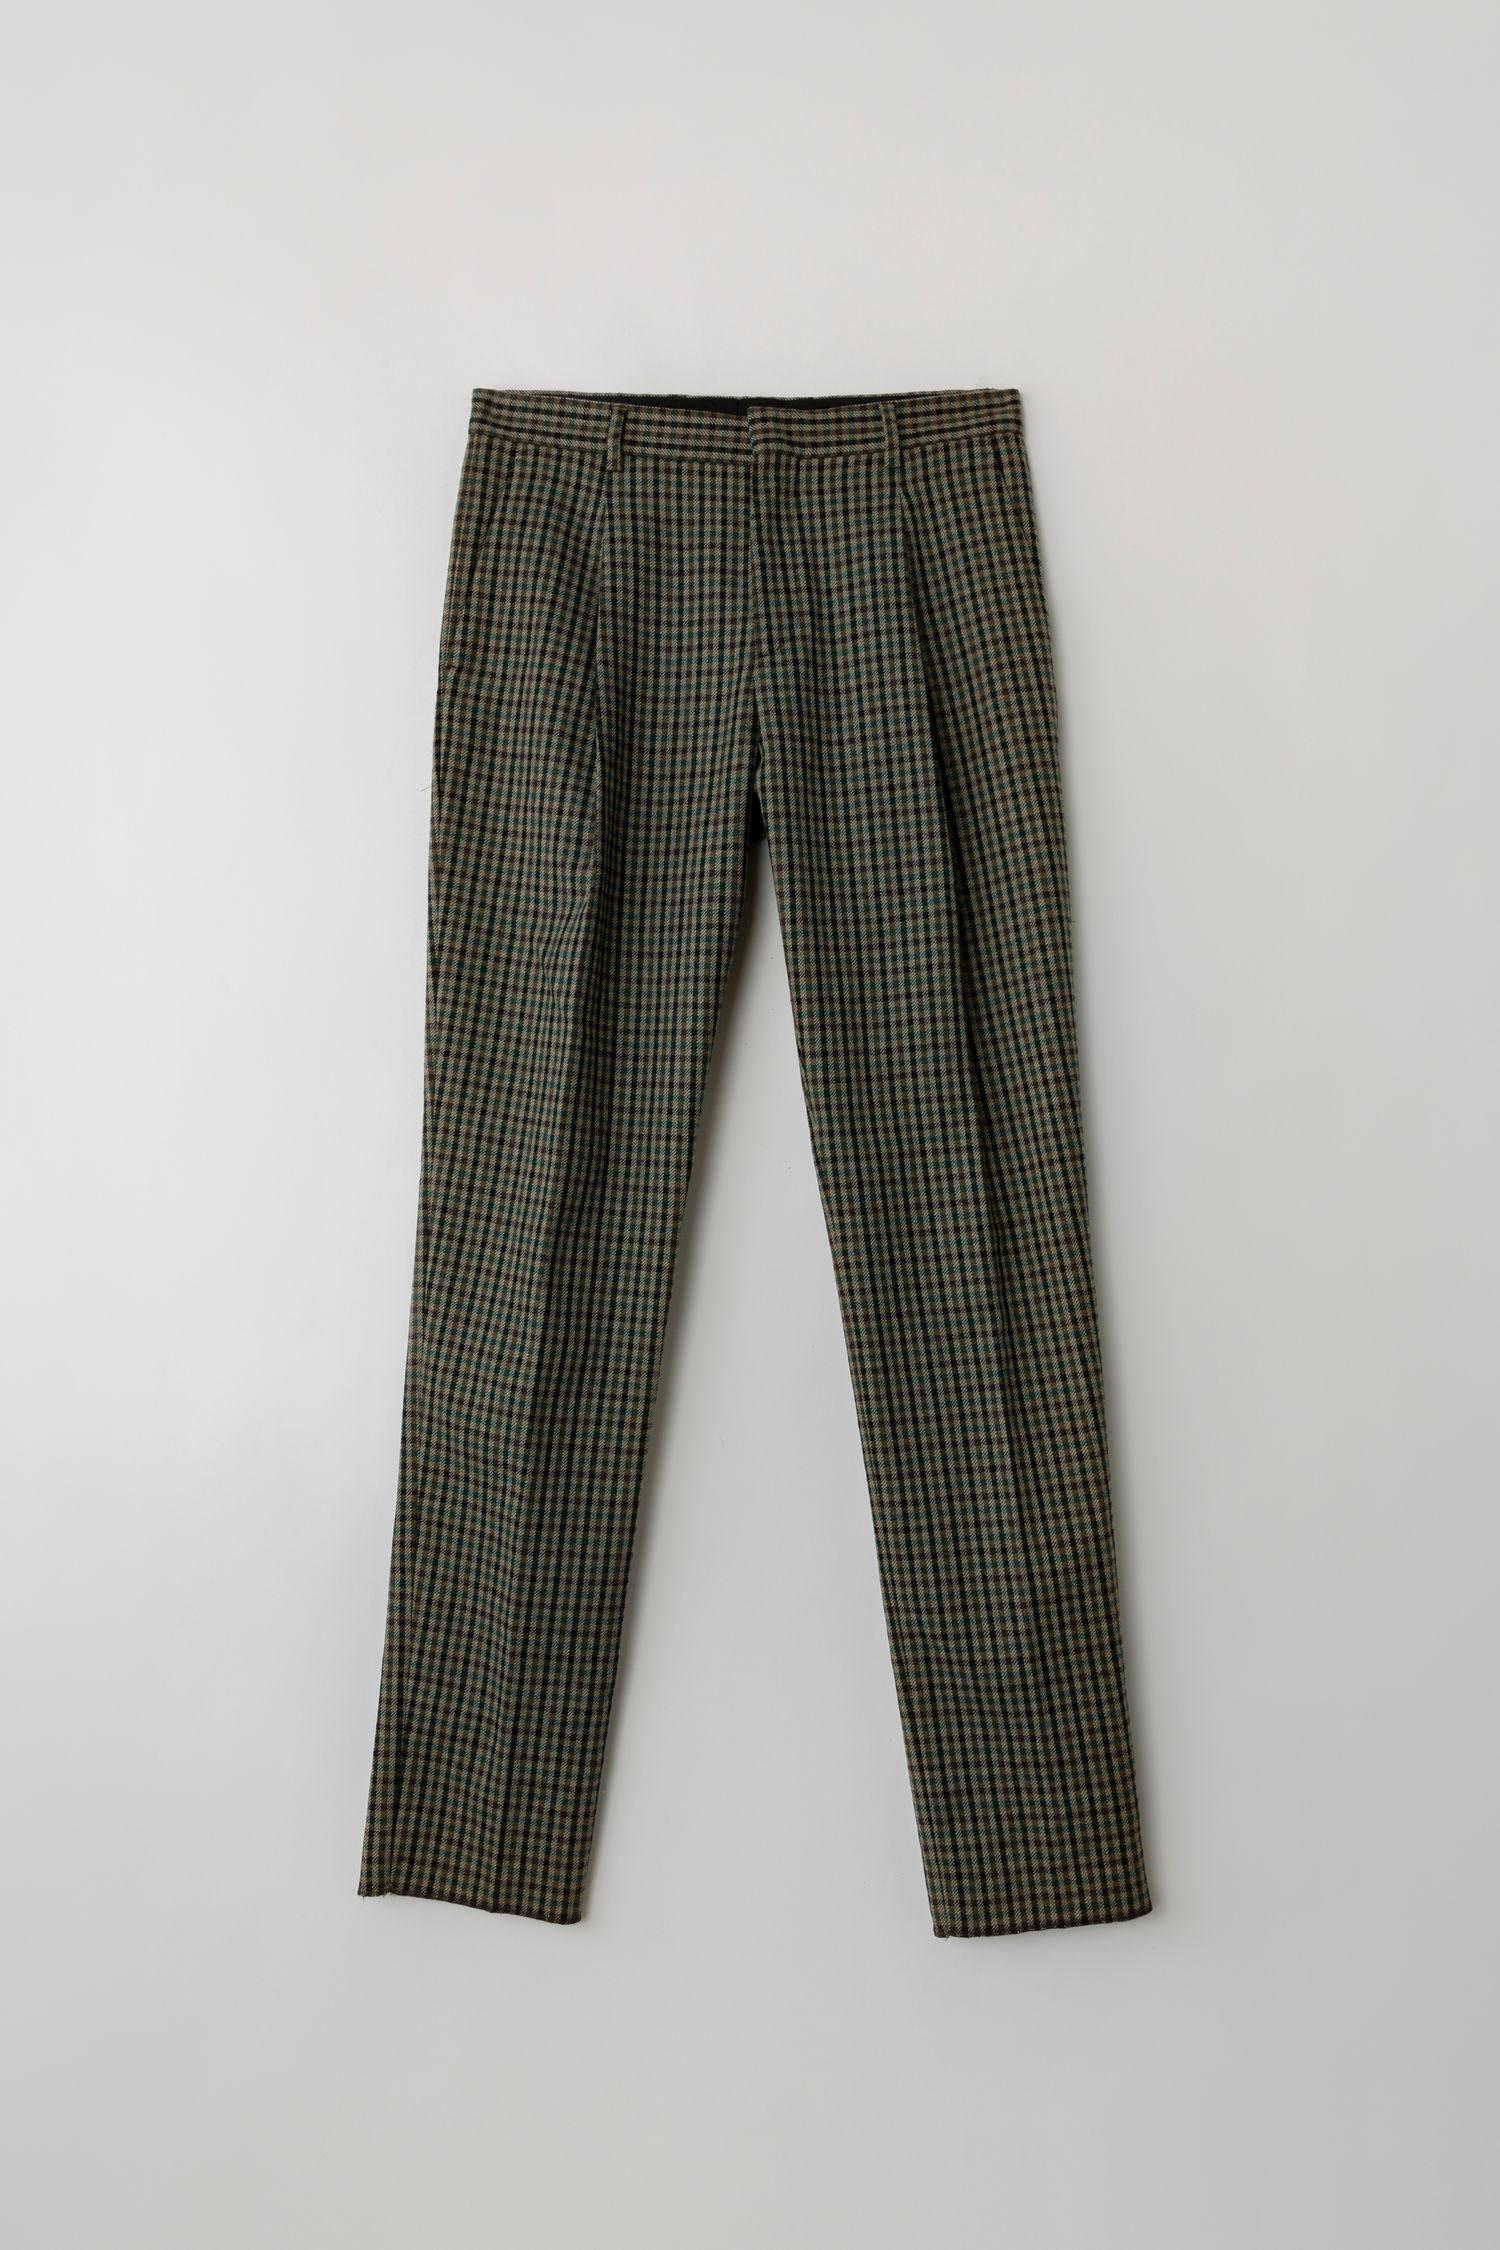 acne_studios_Vichy_check_print_trousers_beige_brown_1.jpg